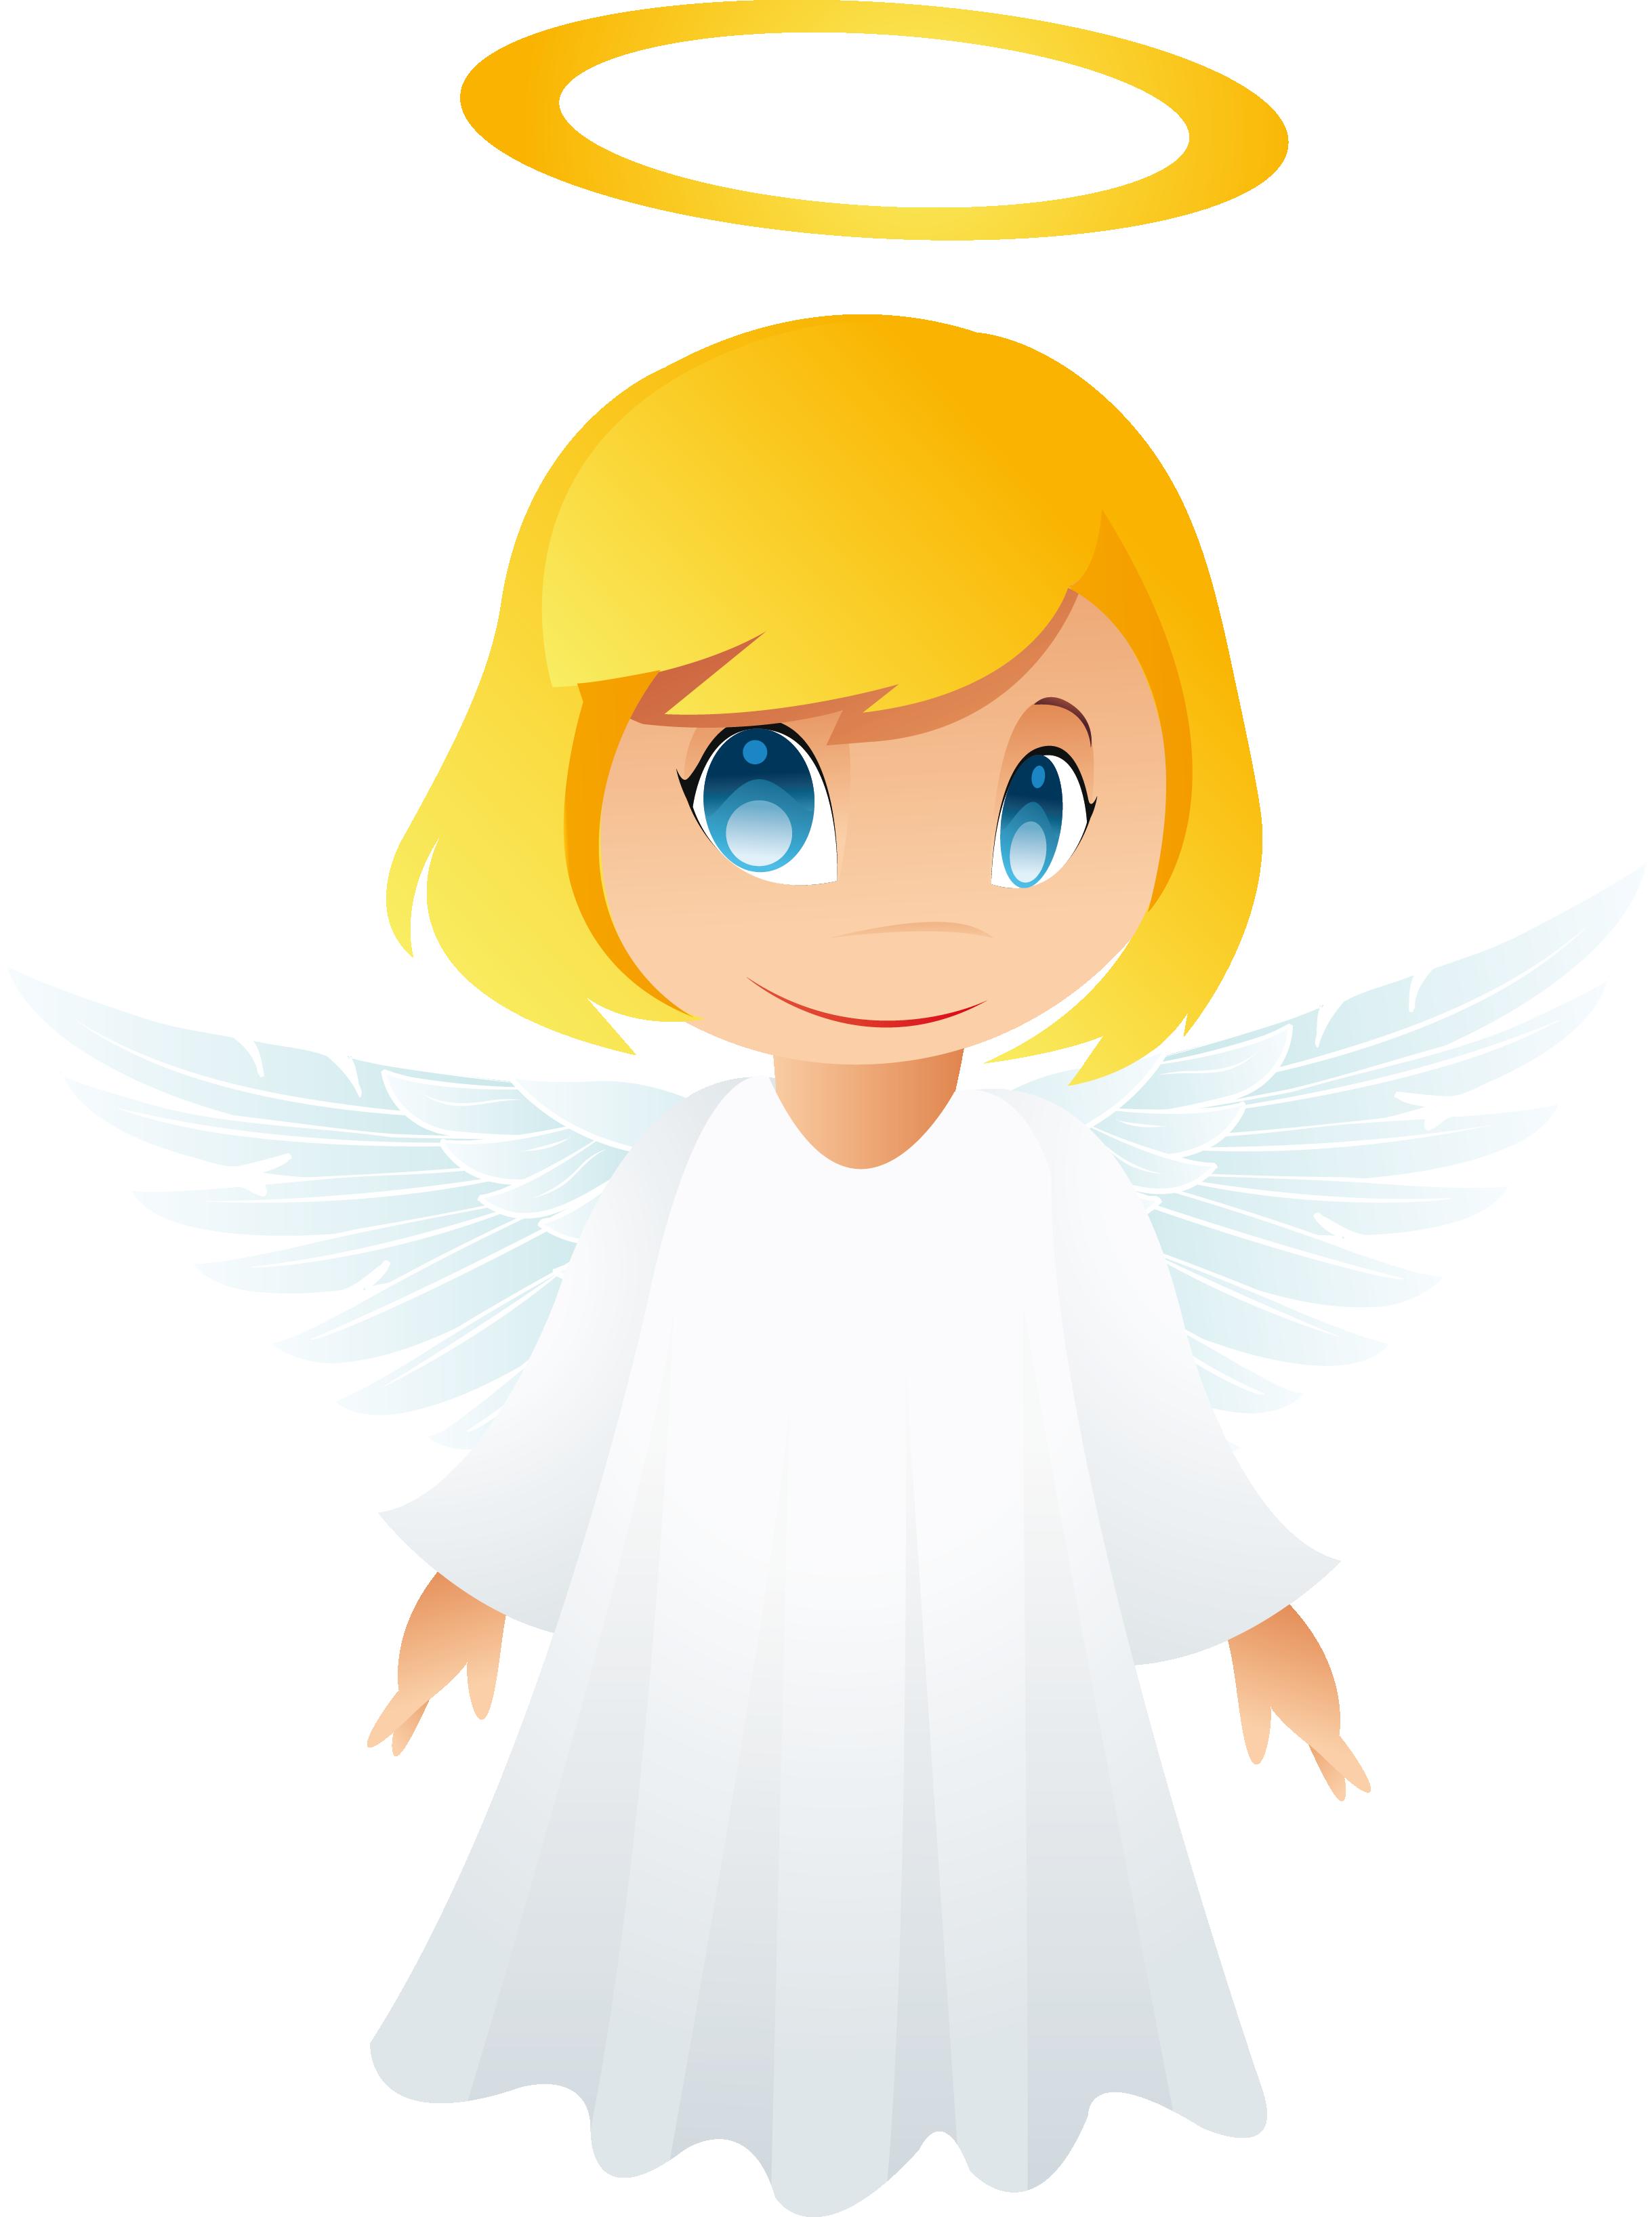 eSpecially Ben: Thank you, Angel